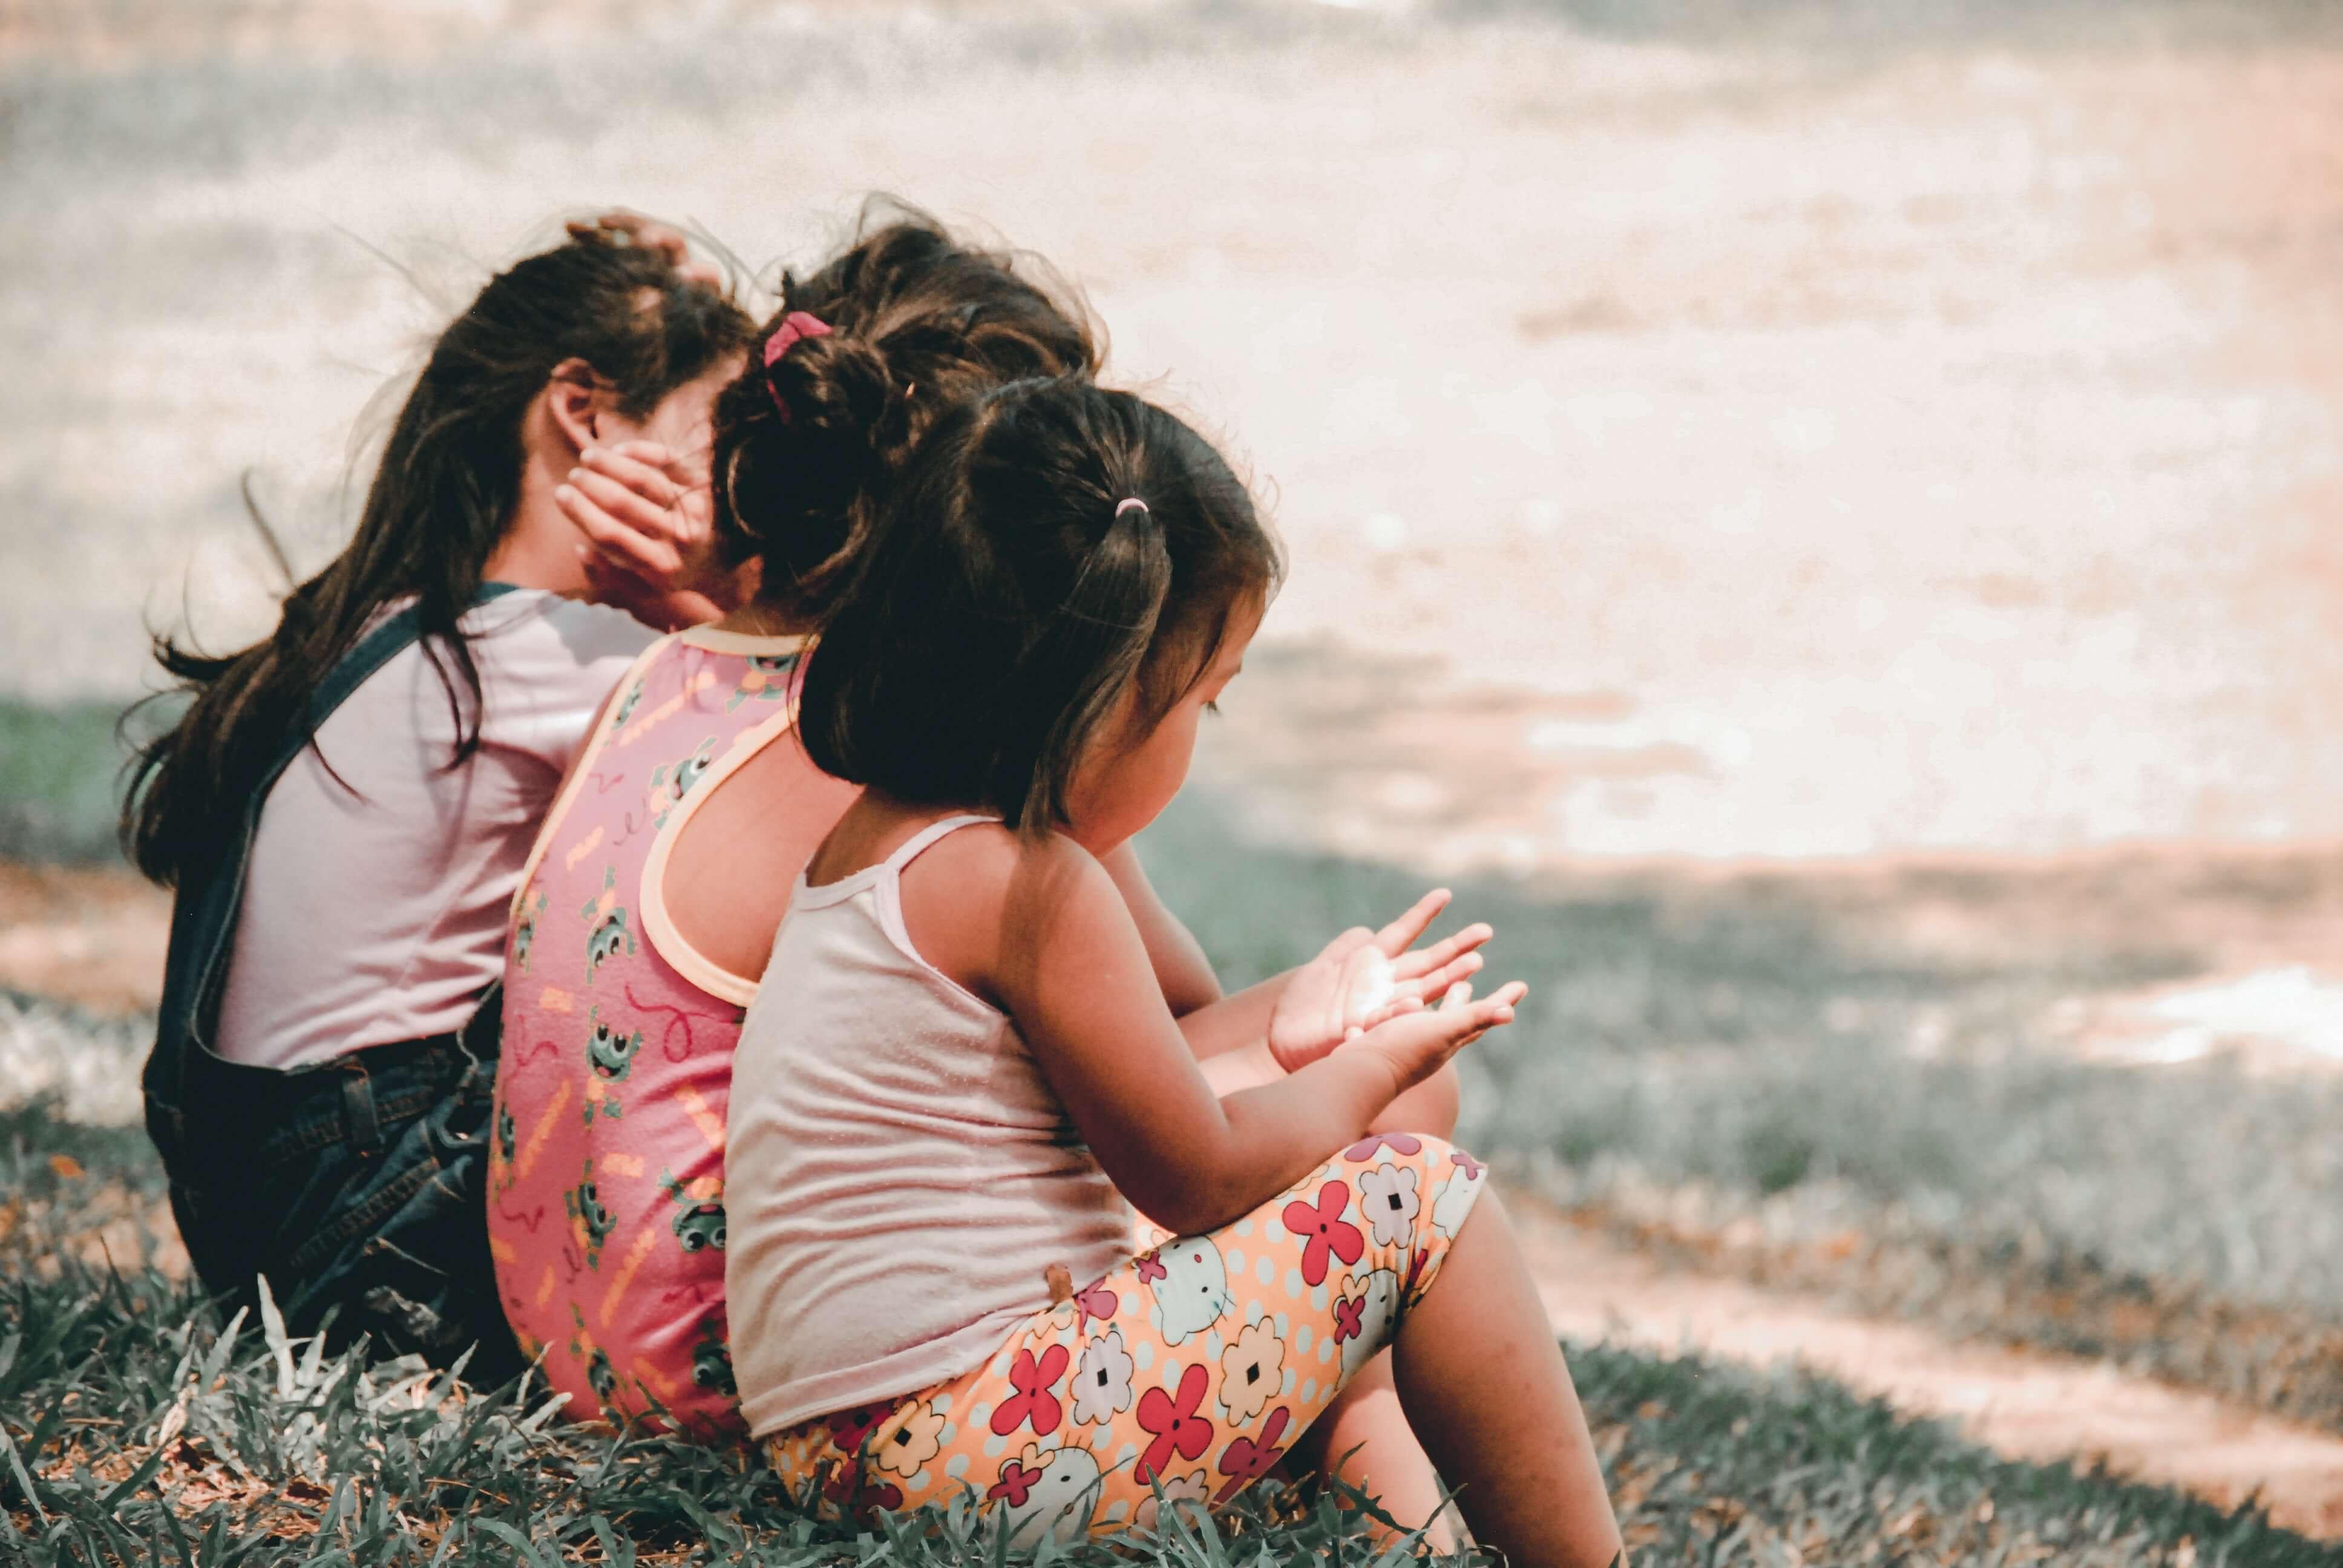 3 meninas sentadas na relva